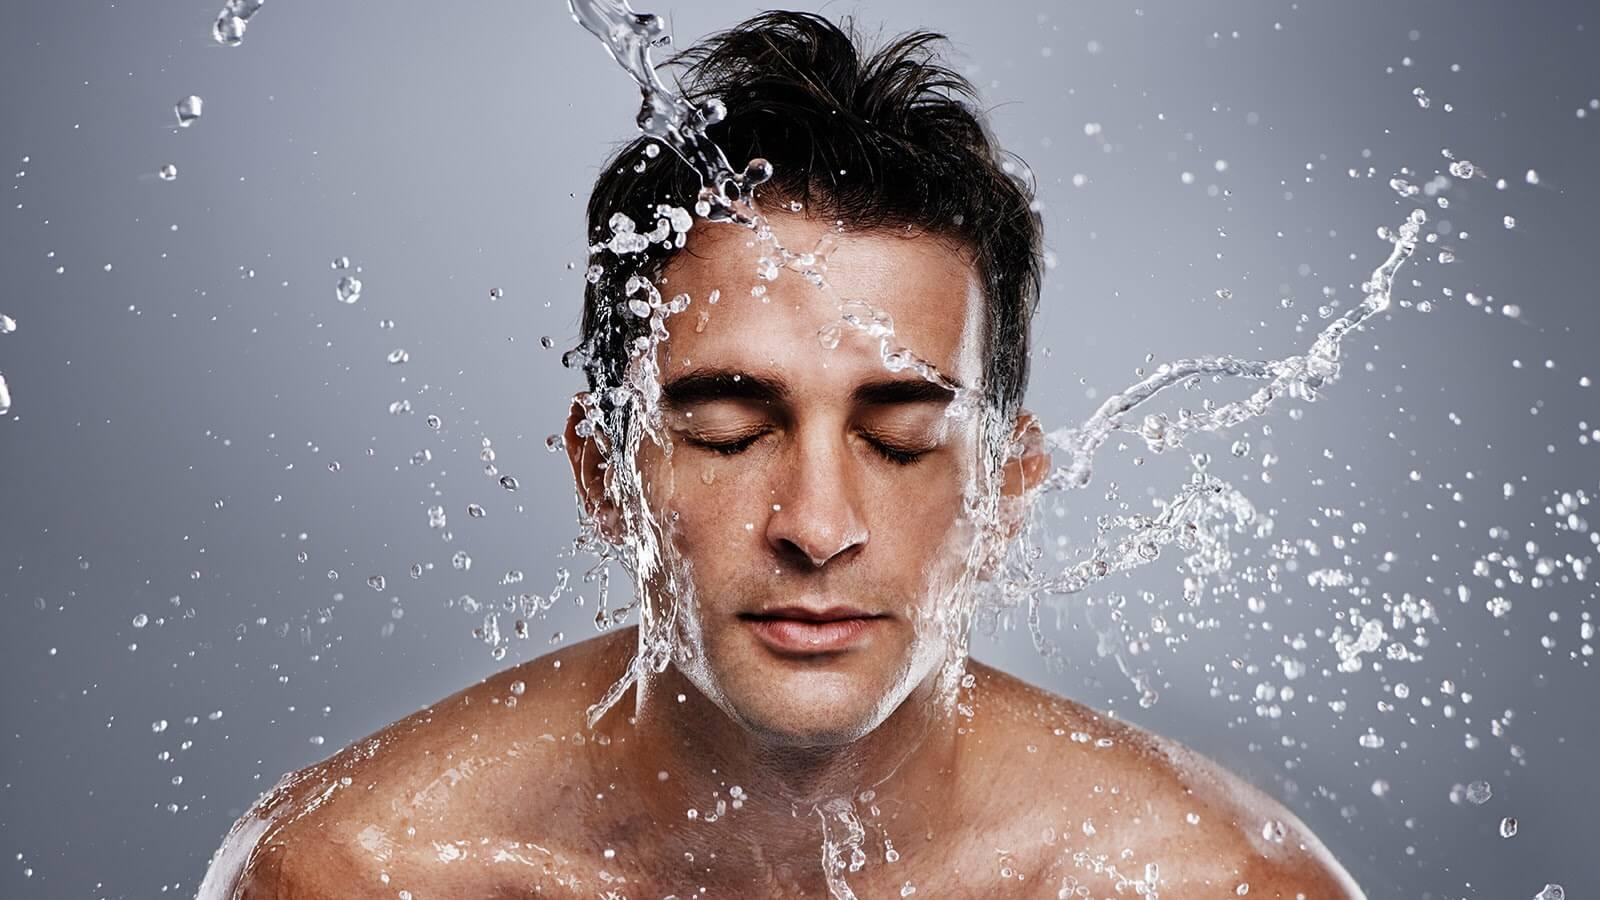 Skin Care Tips for Men